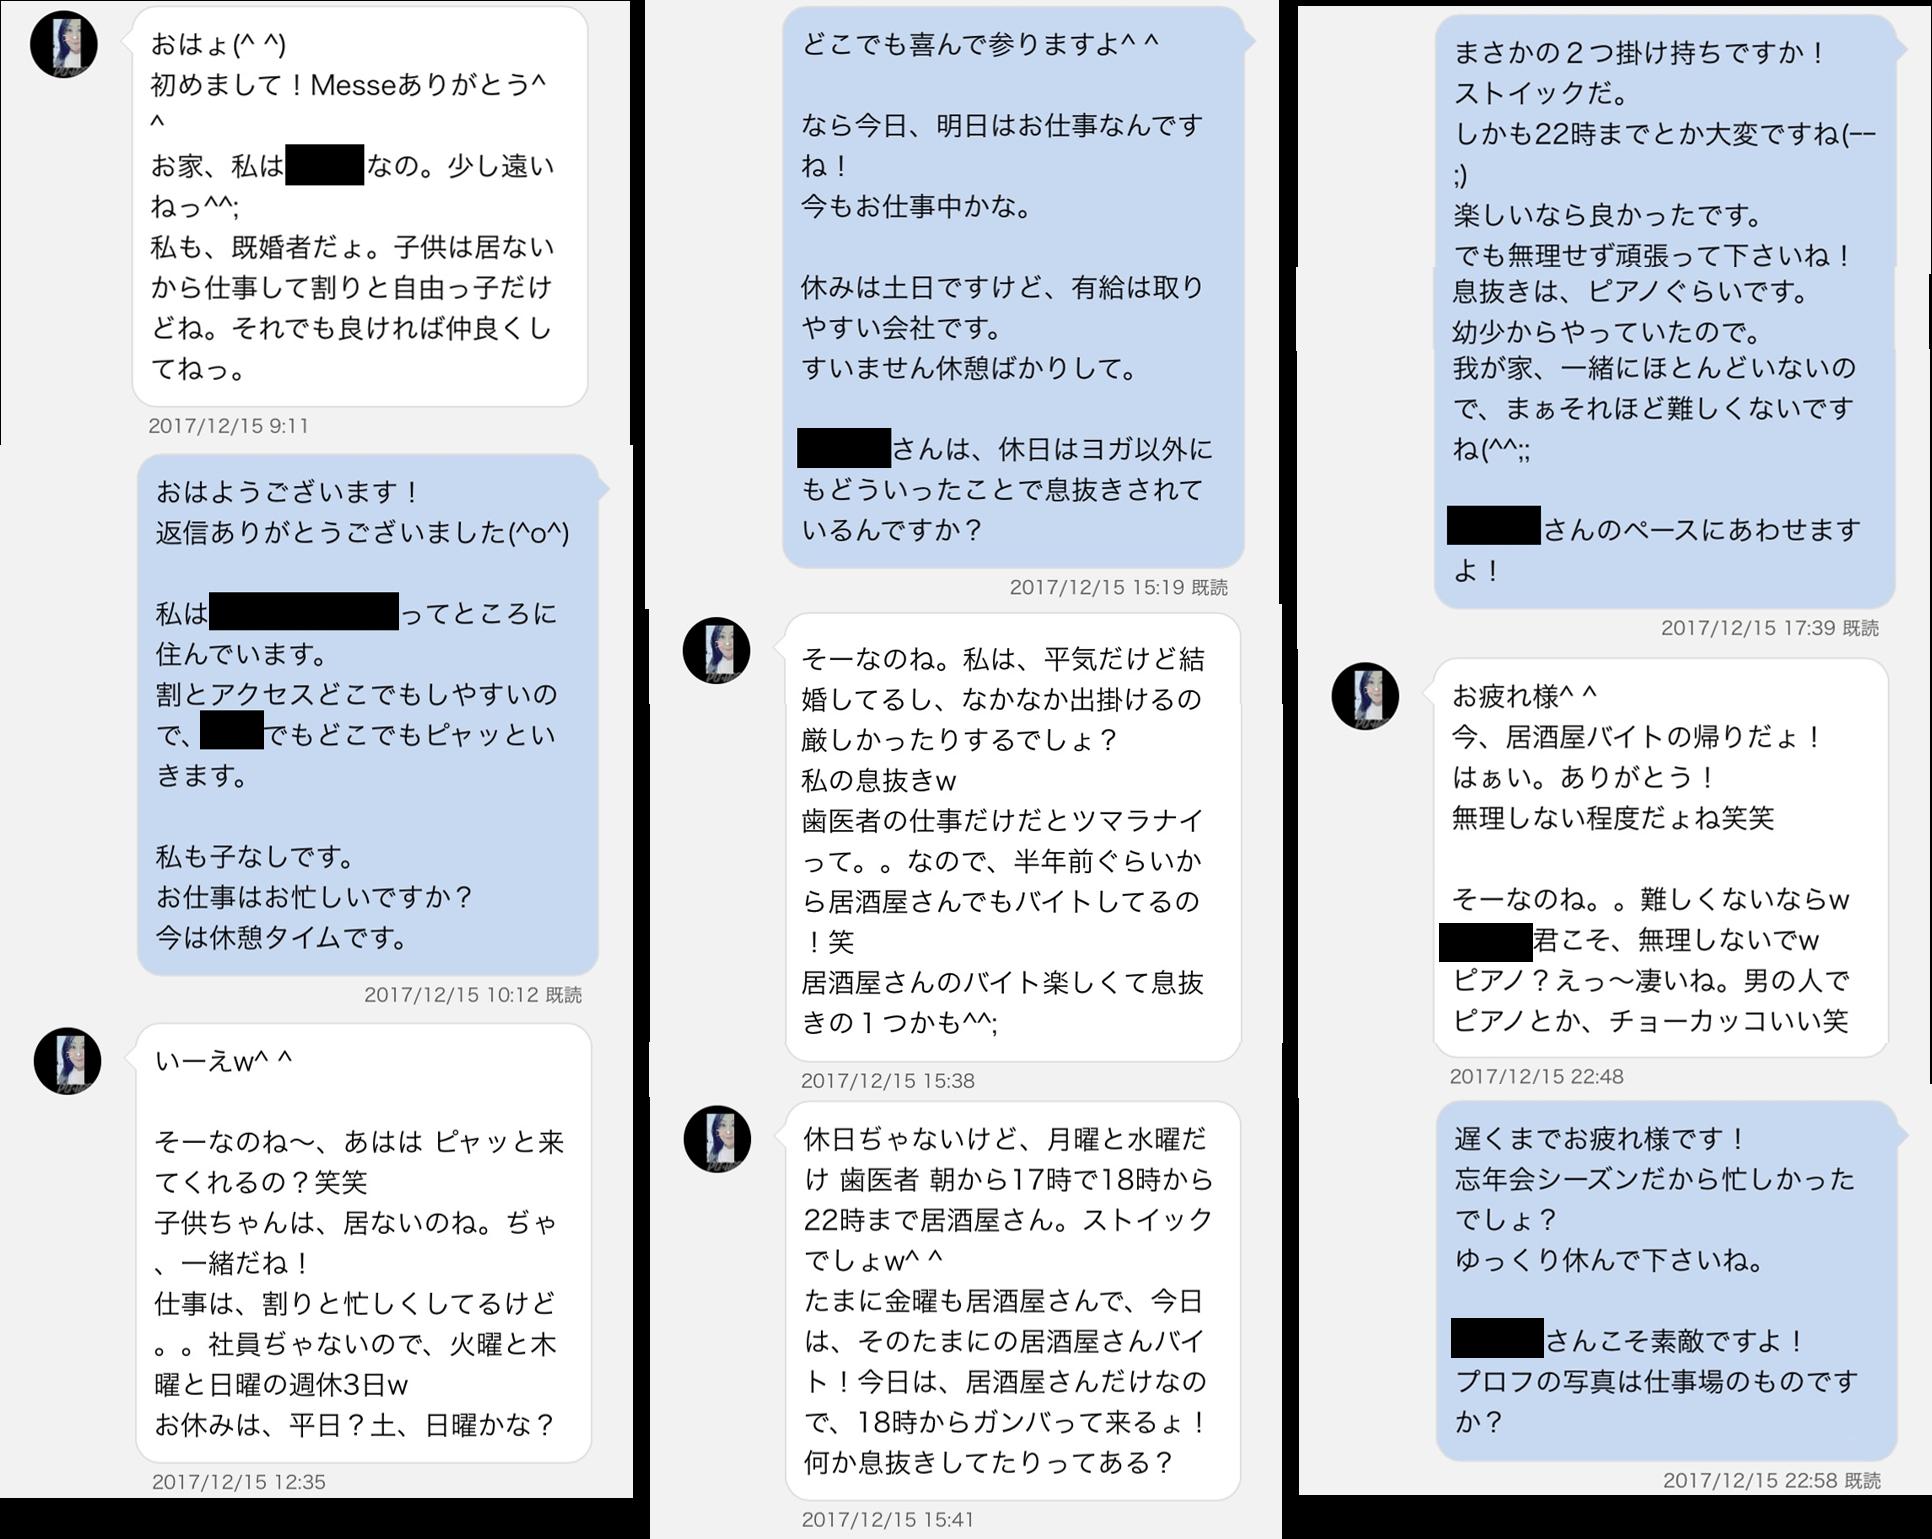 アプローチメール内容詳細